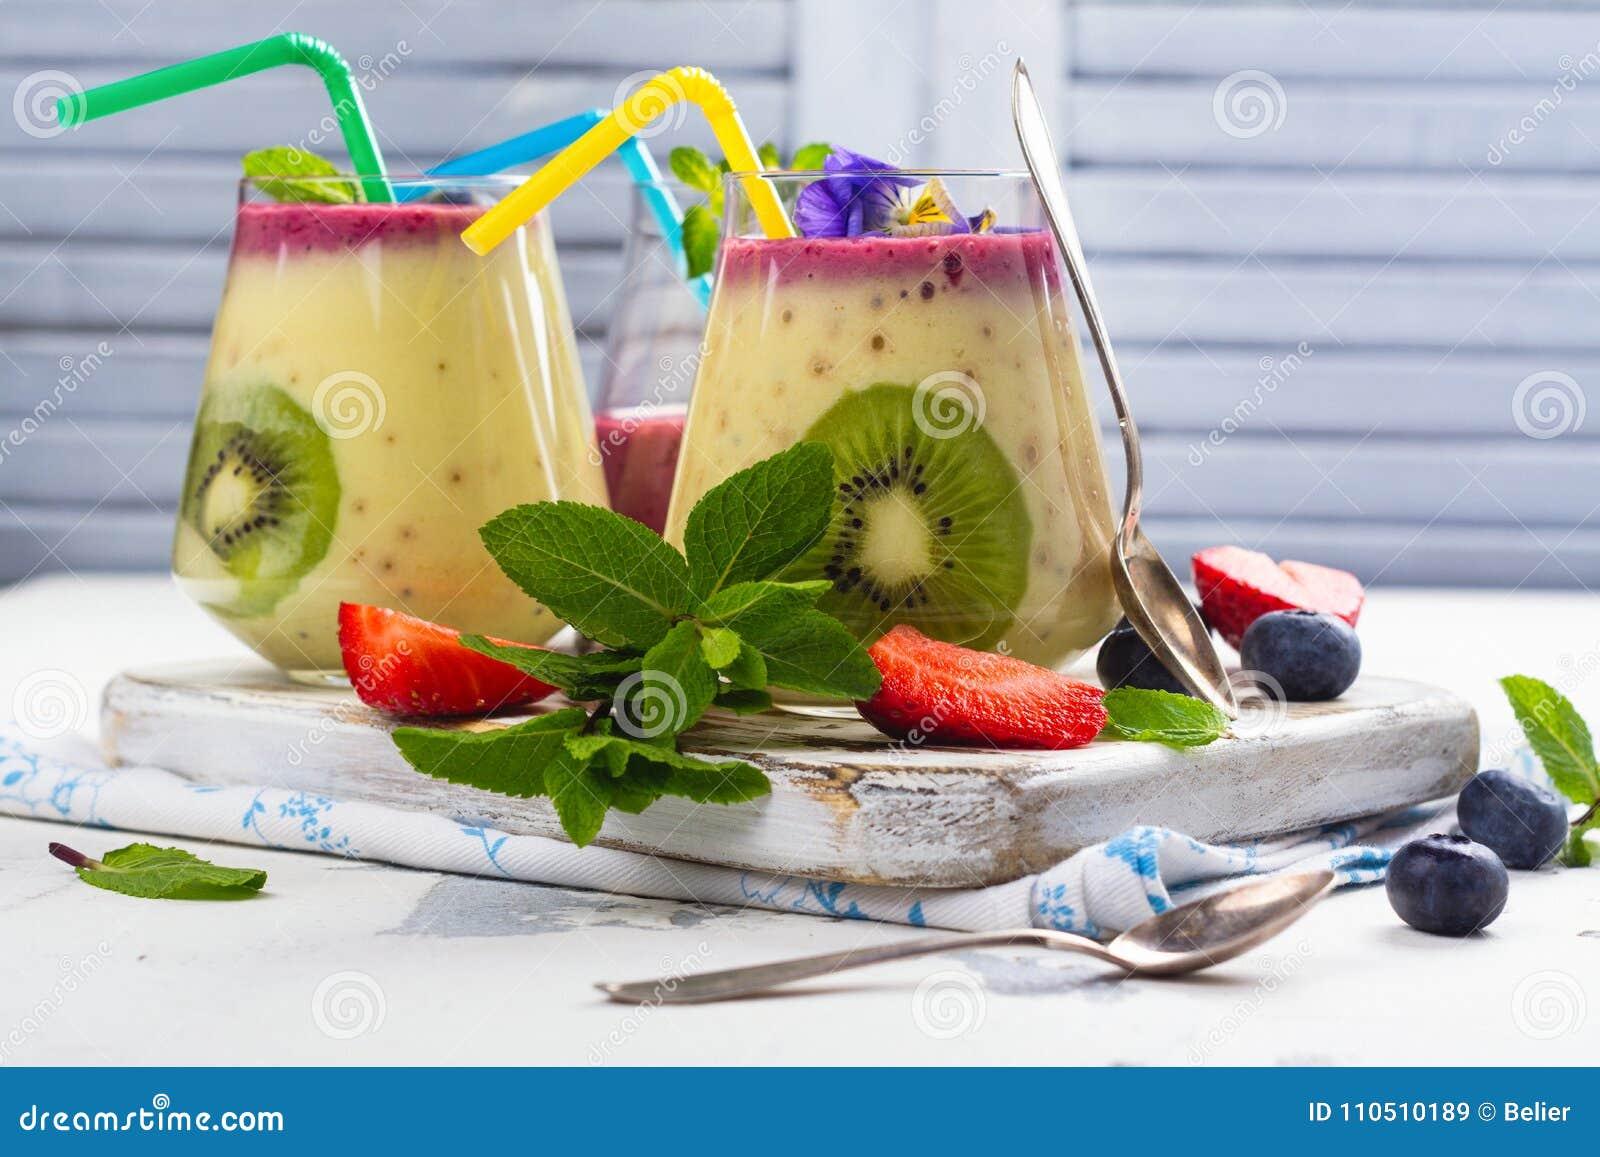 Kleurrijke detox gelaagd smoothie met natuurlijke eetbare bloemen, bessen en munt